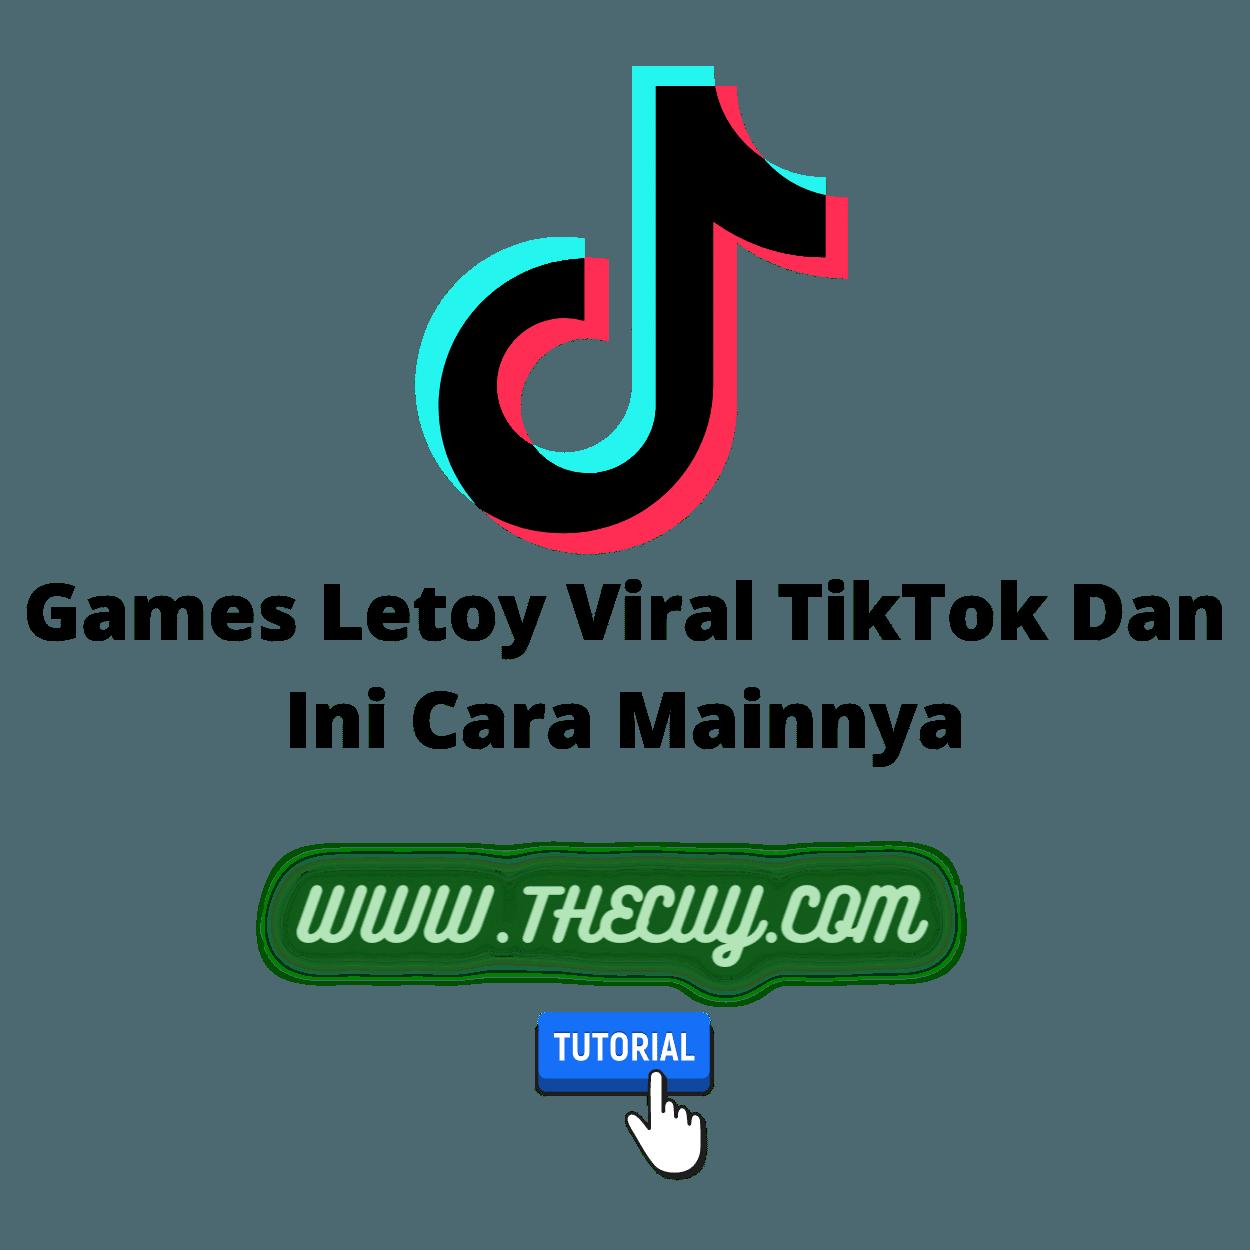 Games Letoy Viral TikTok Dan Ini Cara Mainnya